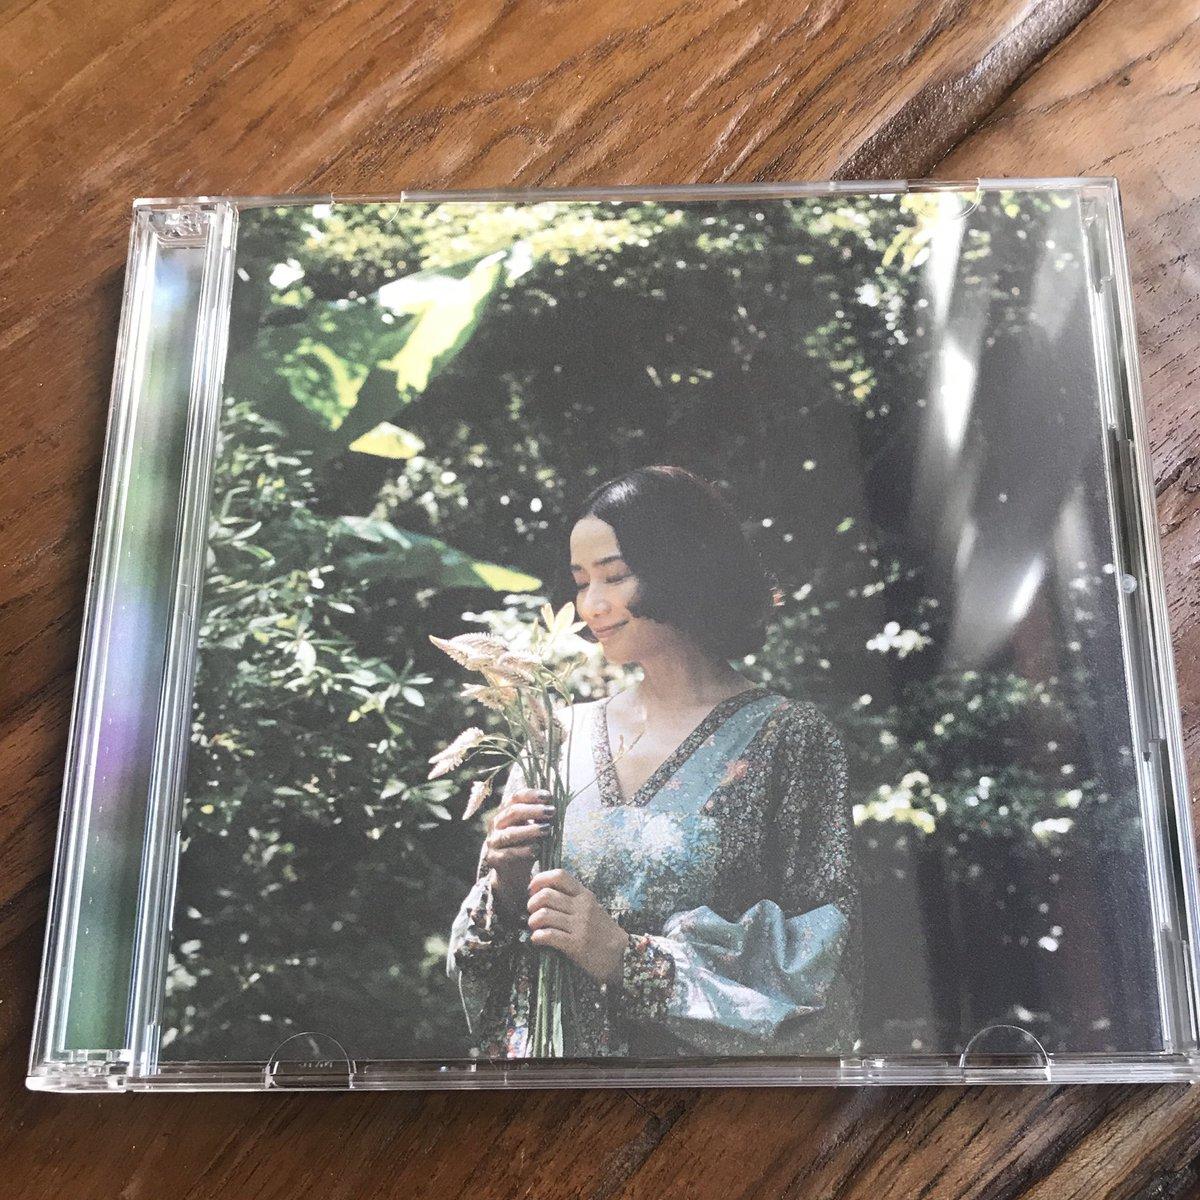 原田知世さんのカバーアルバム『恋愛小説3 You & Me』が明日リリースされます。初回盤には、私が歌詞を担当した「冬のこもりうた」が英語バージョンで入っていますよ。英訳詞は青芝和行さん。大貫妙子さん、小山田圭吾さん、細野晴臣さん、土岐麻子さんとのデュエット曲もあり素敵すぎる一枚です。